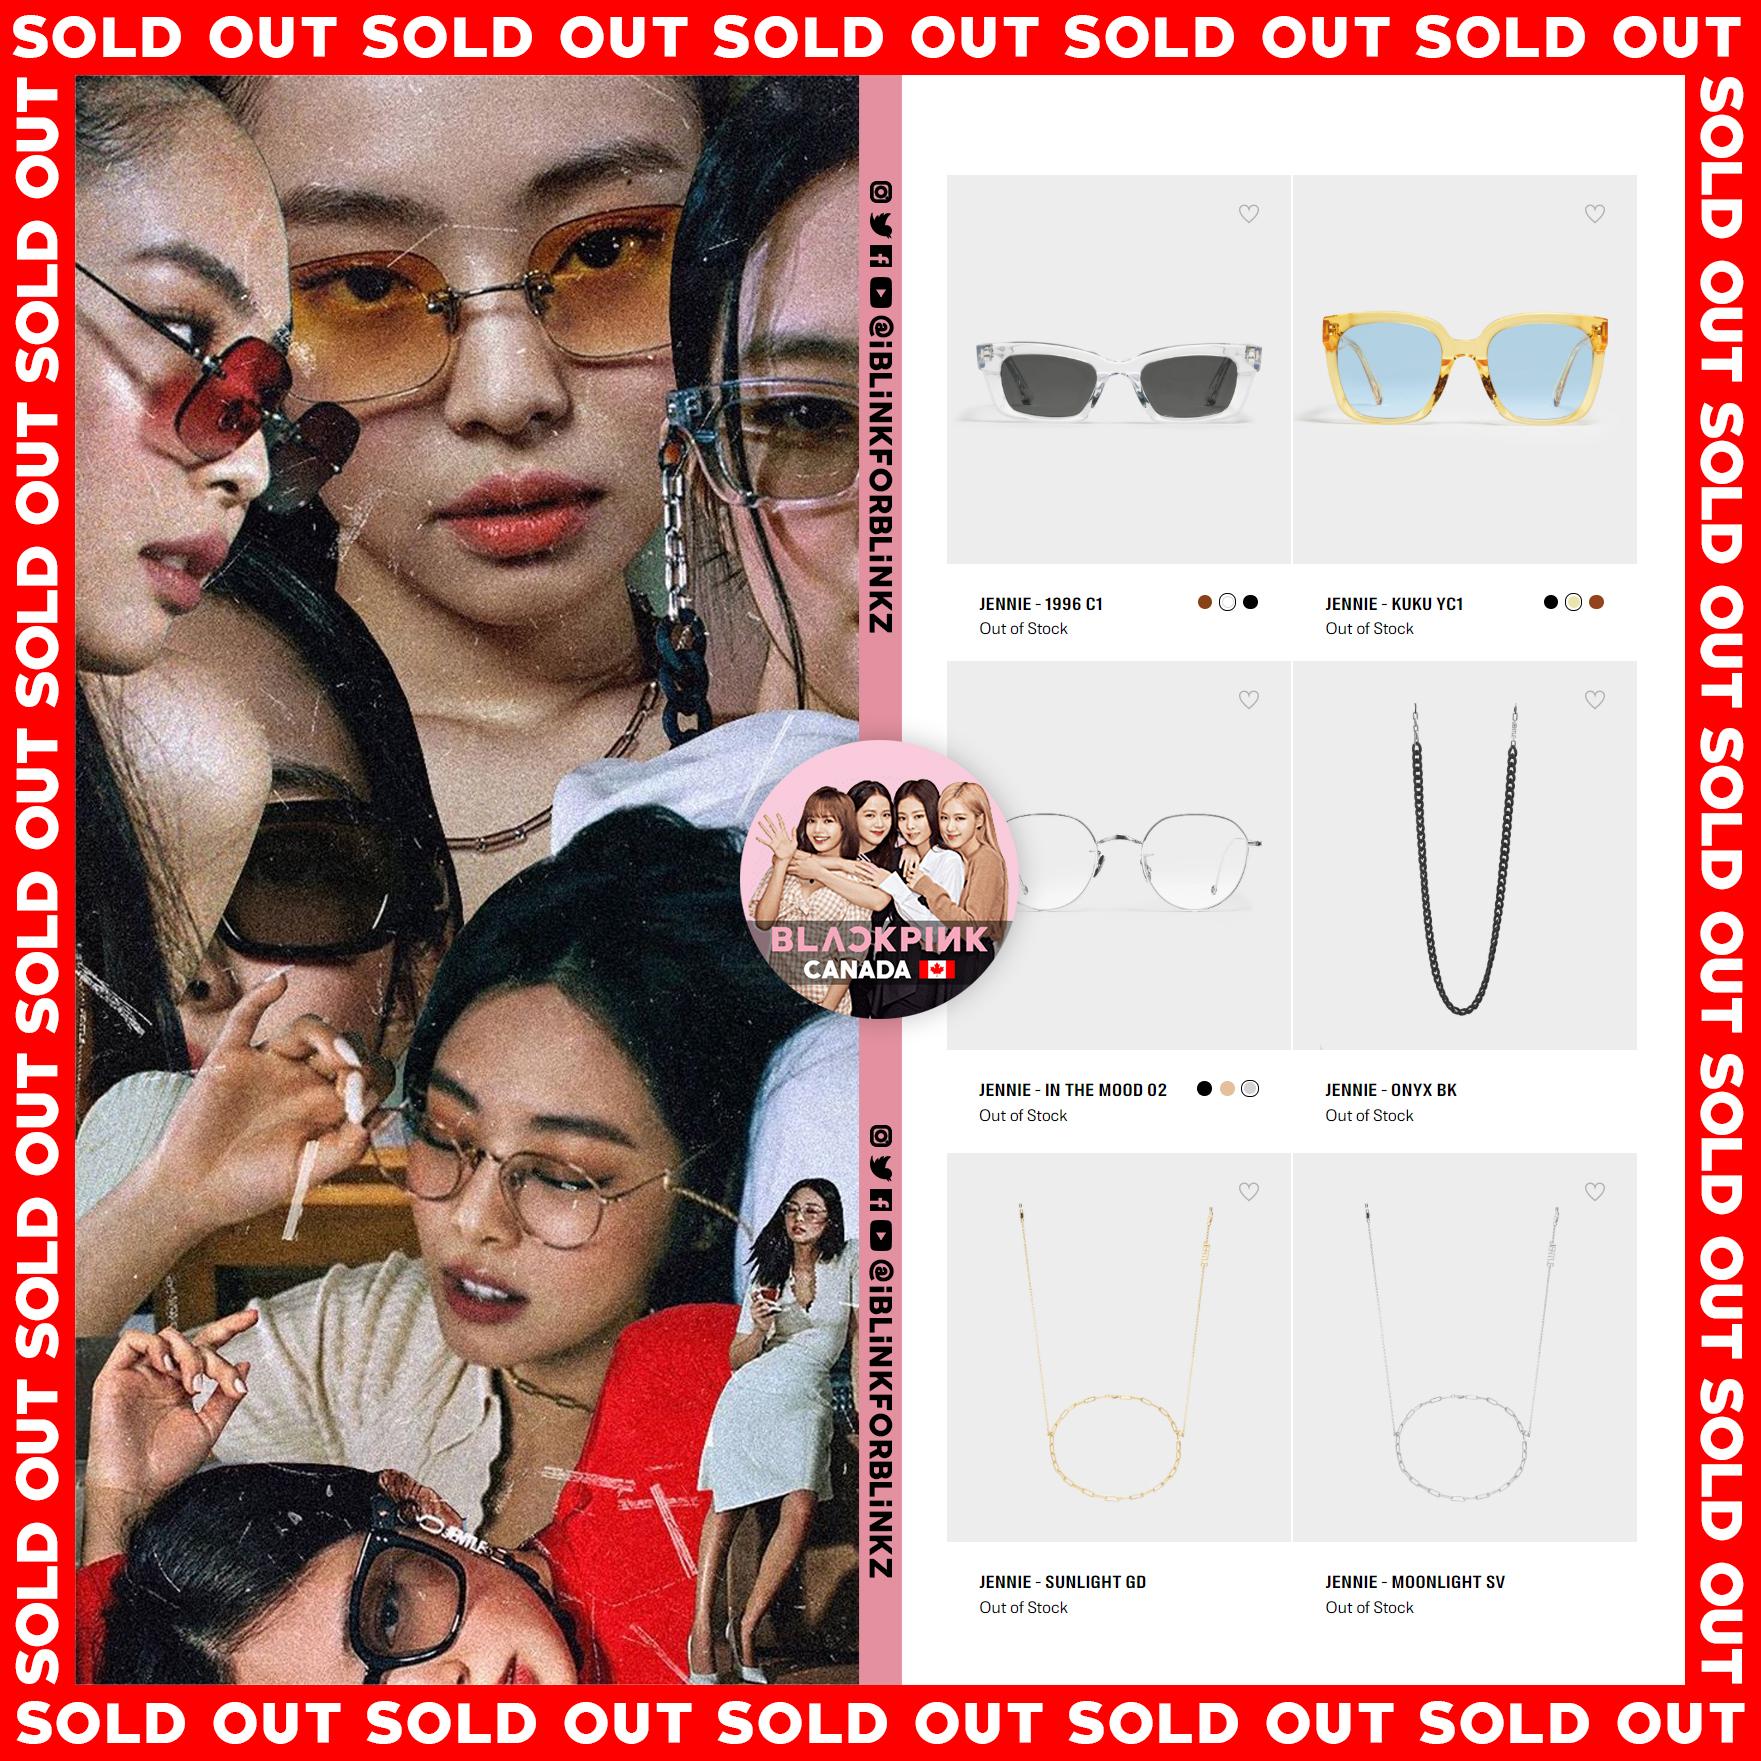 """Hãng kính """"choáng váng"""" vì Jennie: Hàng vừa mở bán đã đánh sập web hãng, thiết kế sold out chỉ trong 1 nốt nhạc - Ảnh 3."""